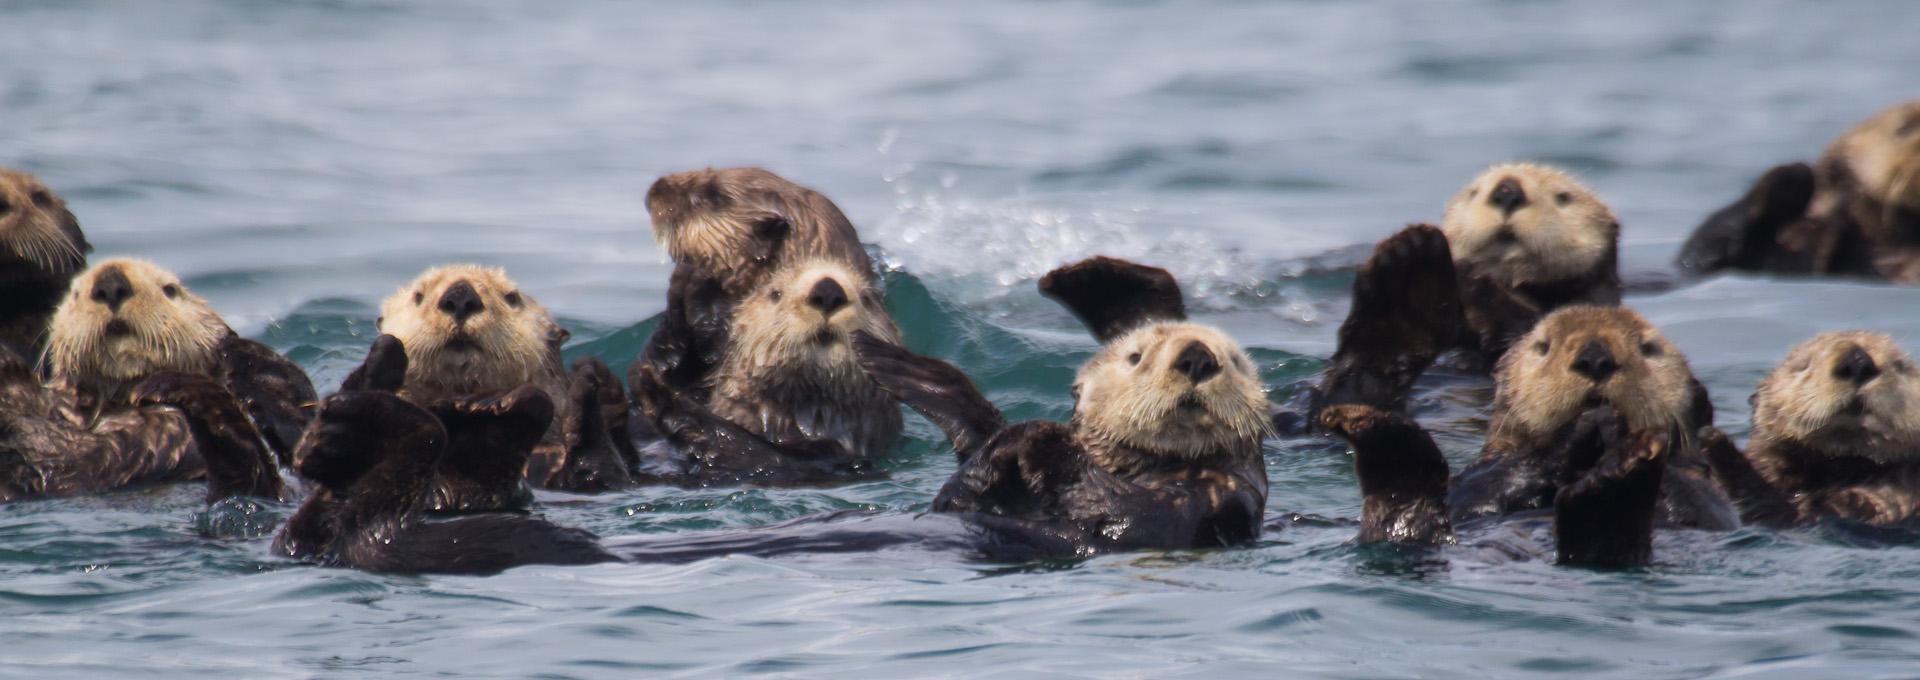 Image: https://www.nps.gov/glba/blogs/otters-on-ice.htm